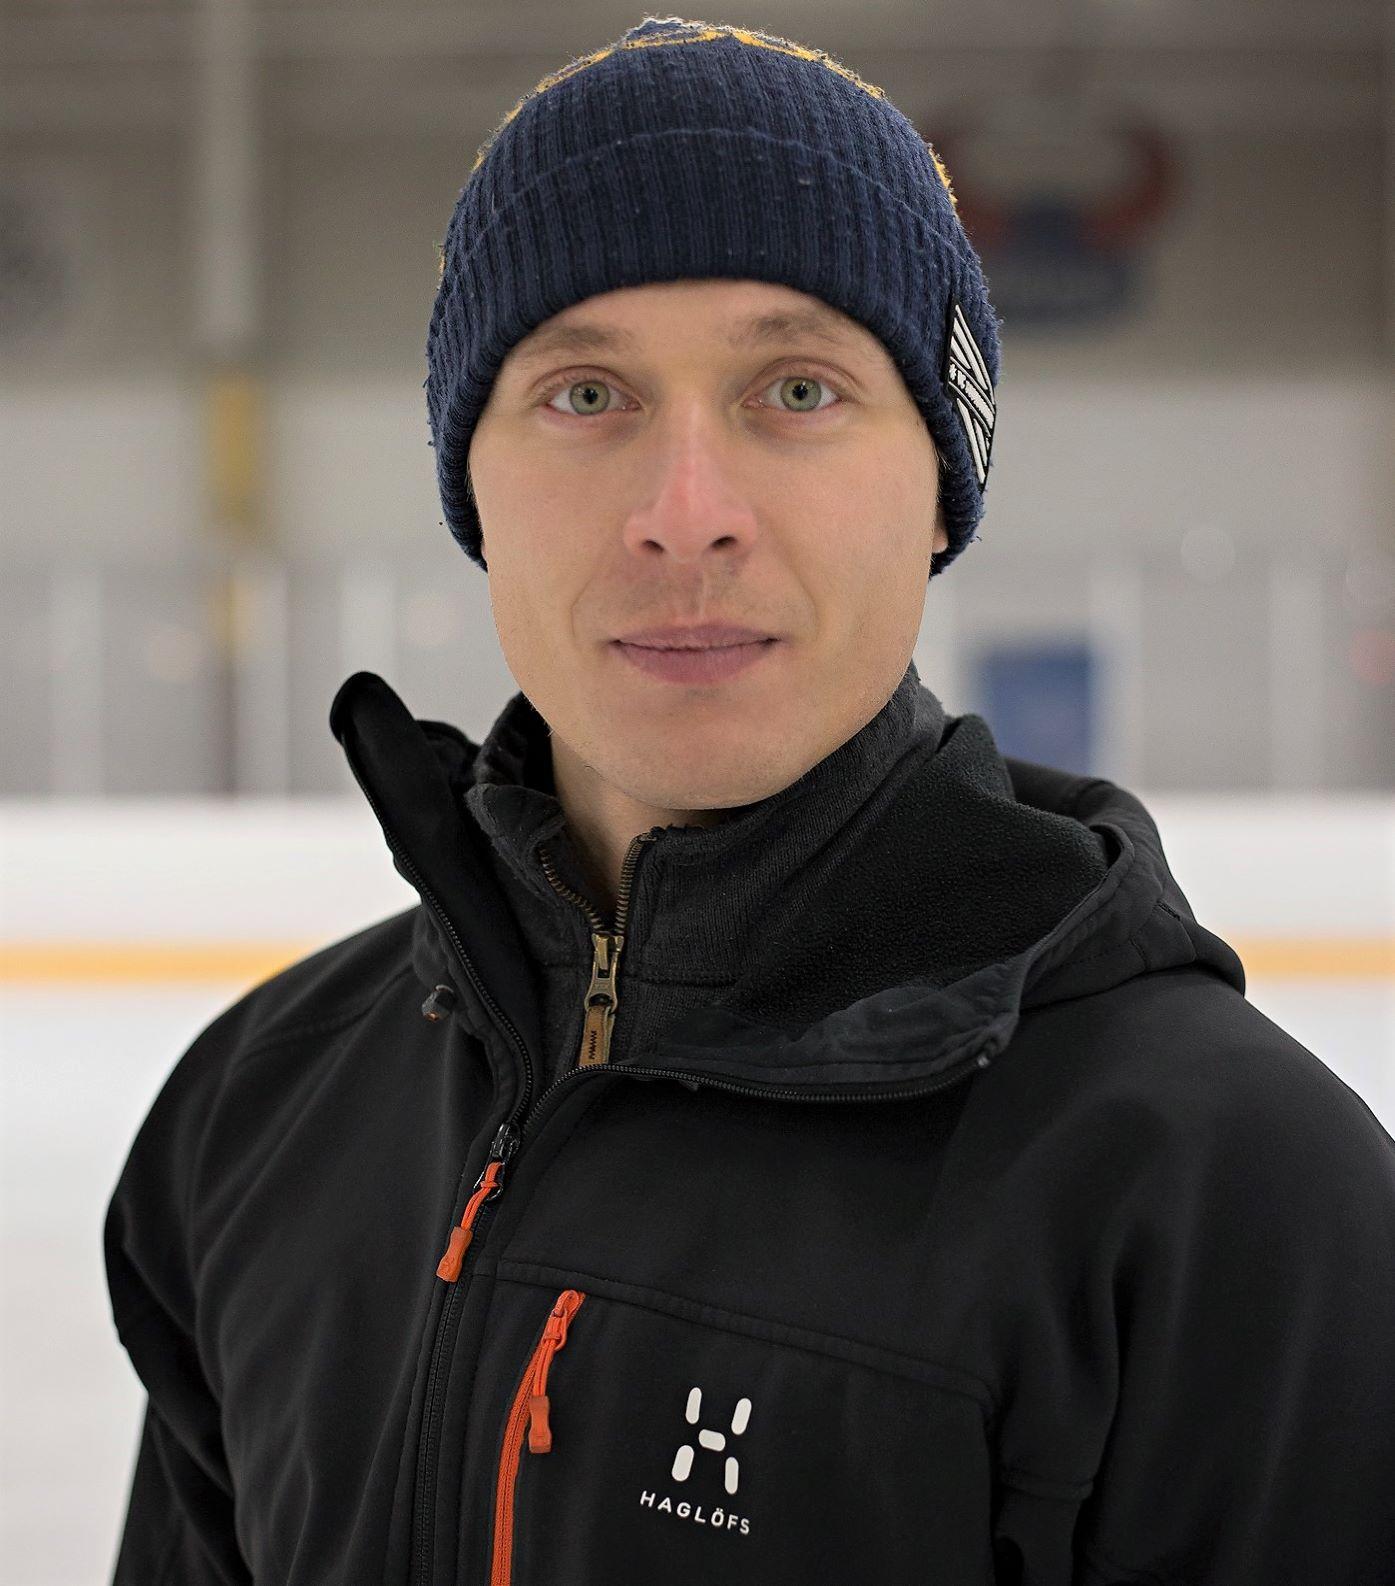 Ari-Pekka Nurmenkari